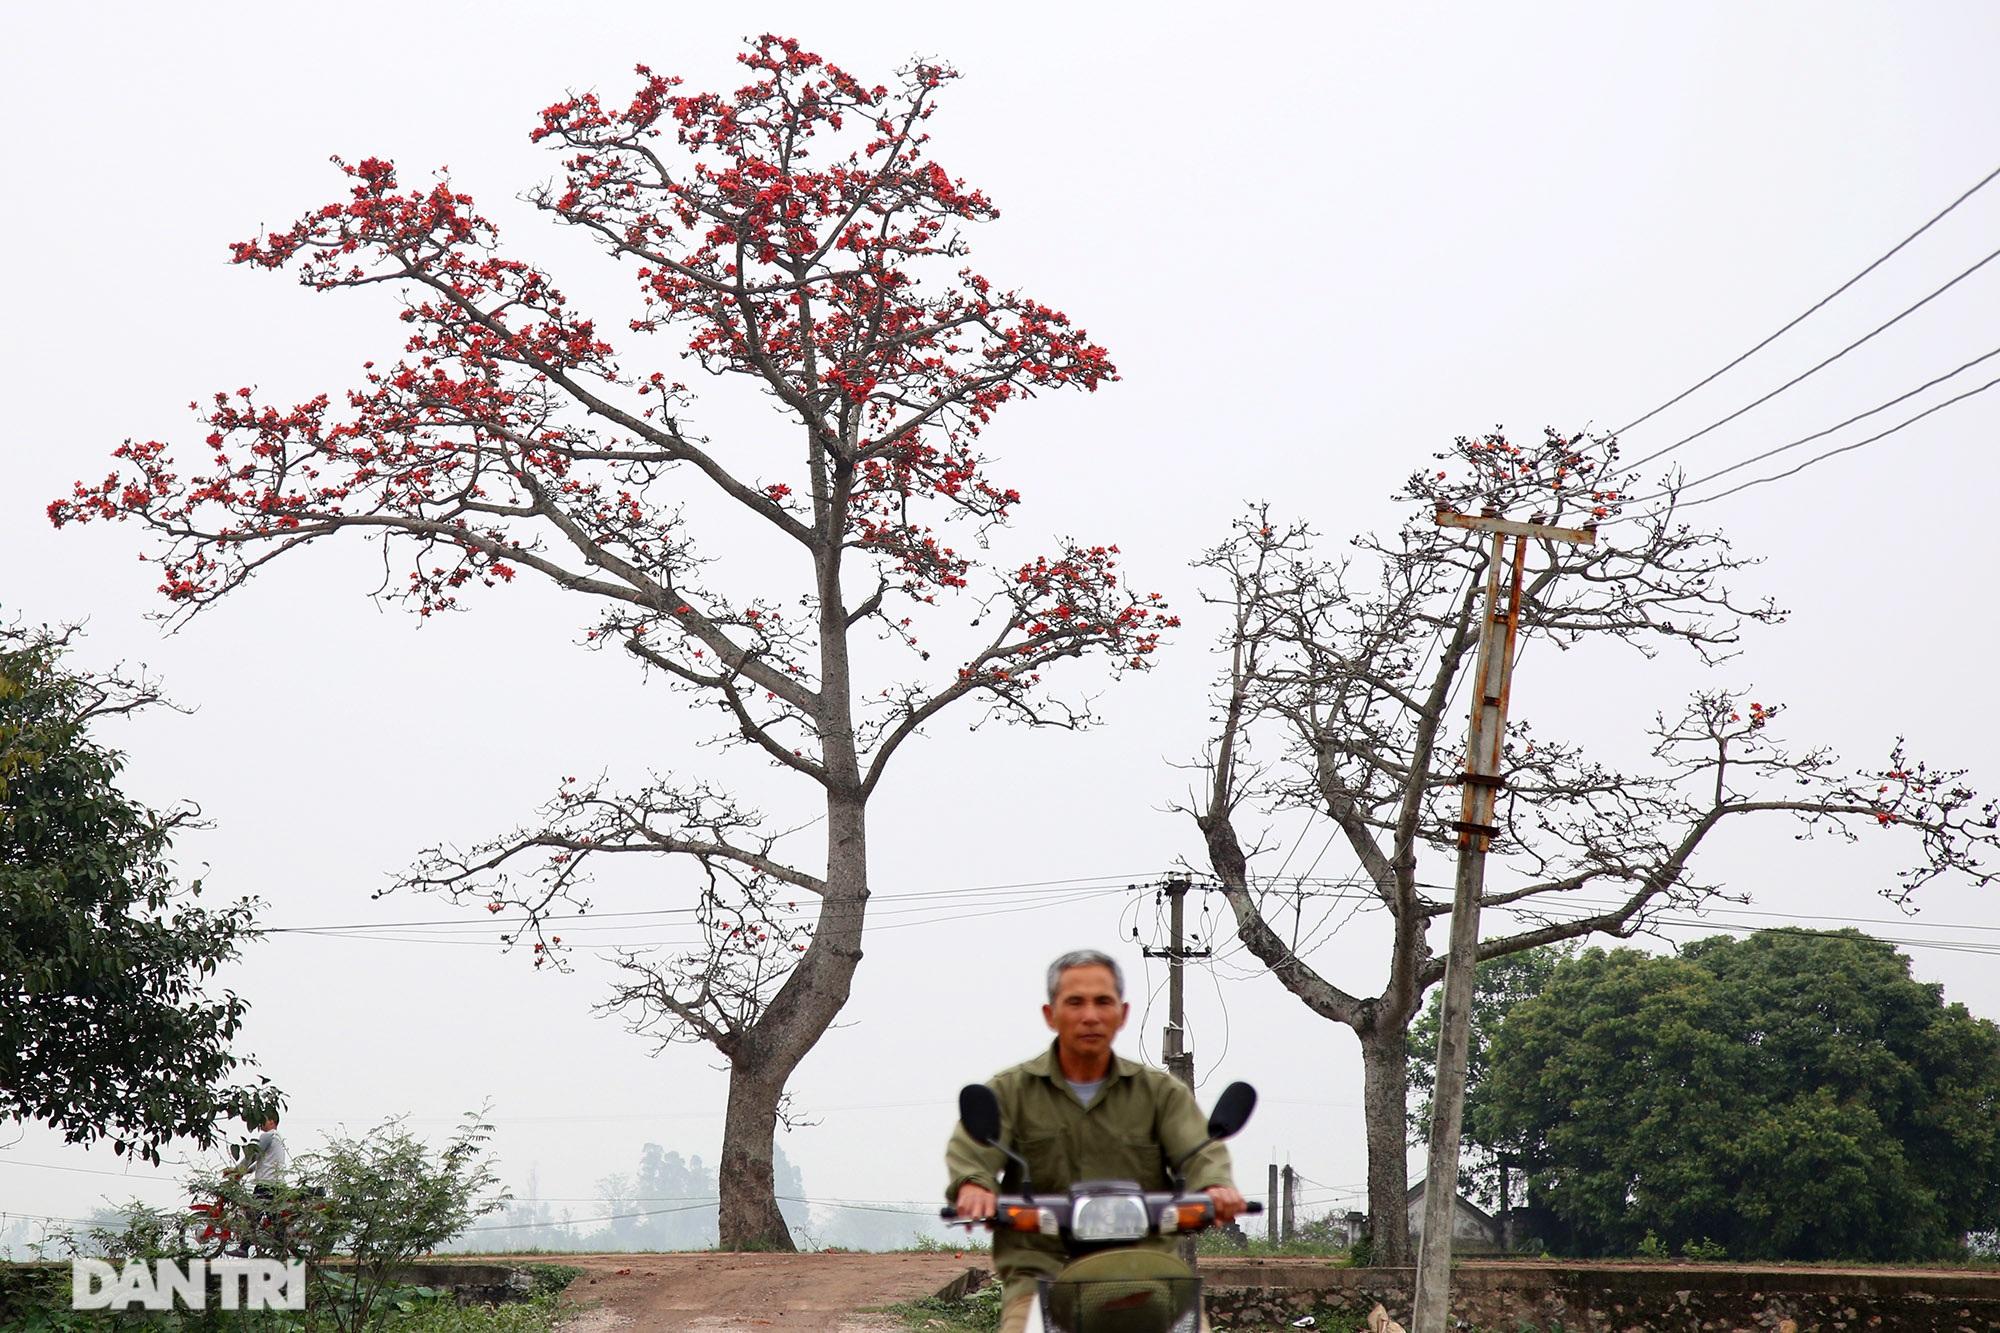 Hoa gạo nở đẹp sâu lắng vùng ngoại thành Hà Nội - 8